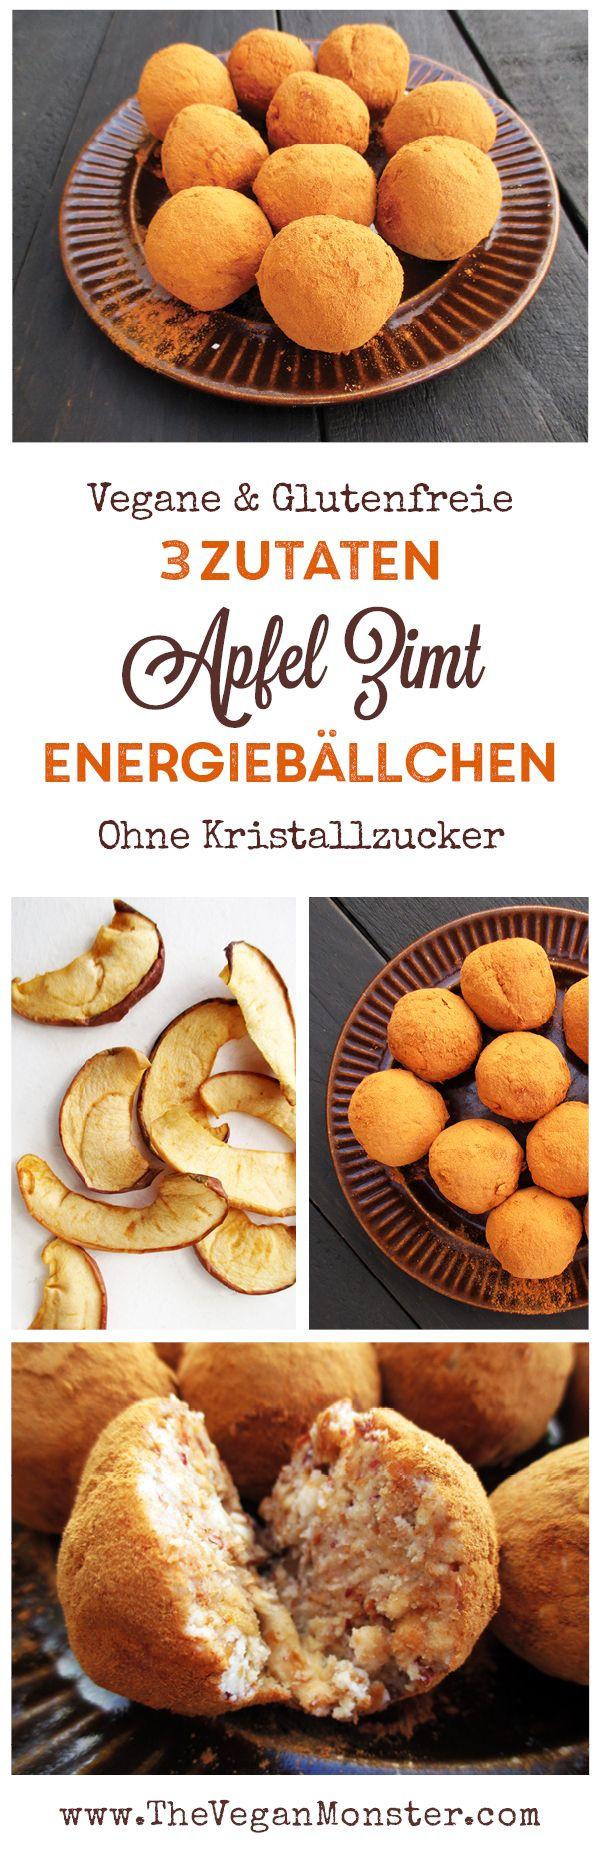 Apfel Zimt Energiebällchen (Vegan, Glutenfrei, Ohne Kristallzucker) | Das Vegan Monster - vegane & glutenfreie Rezepte